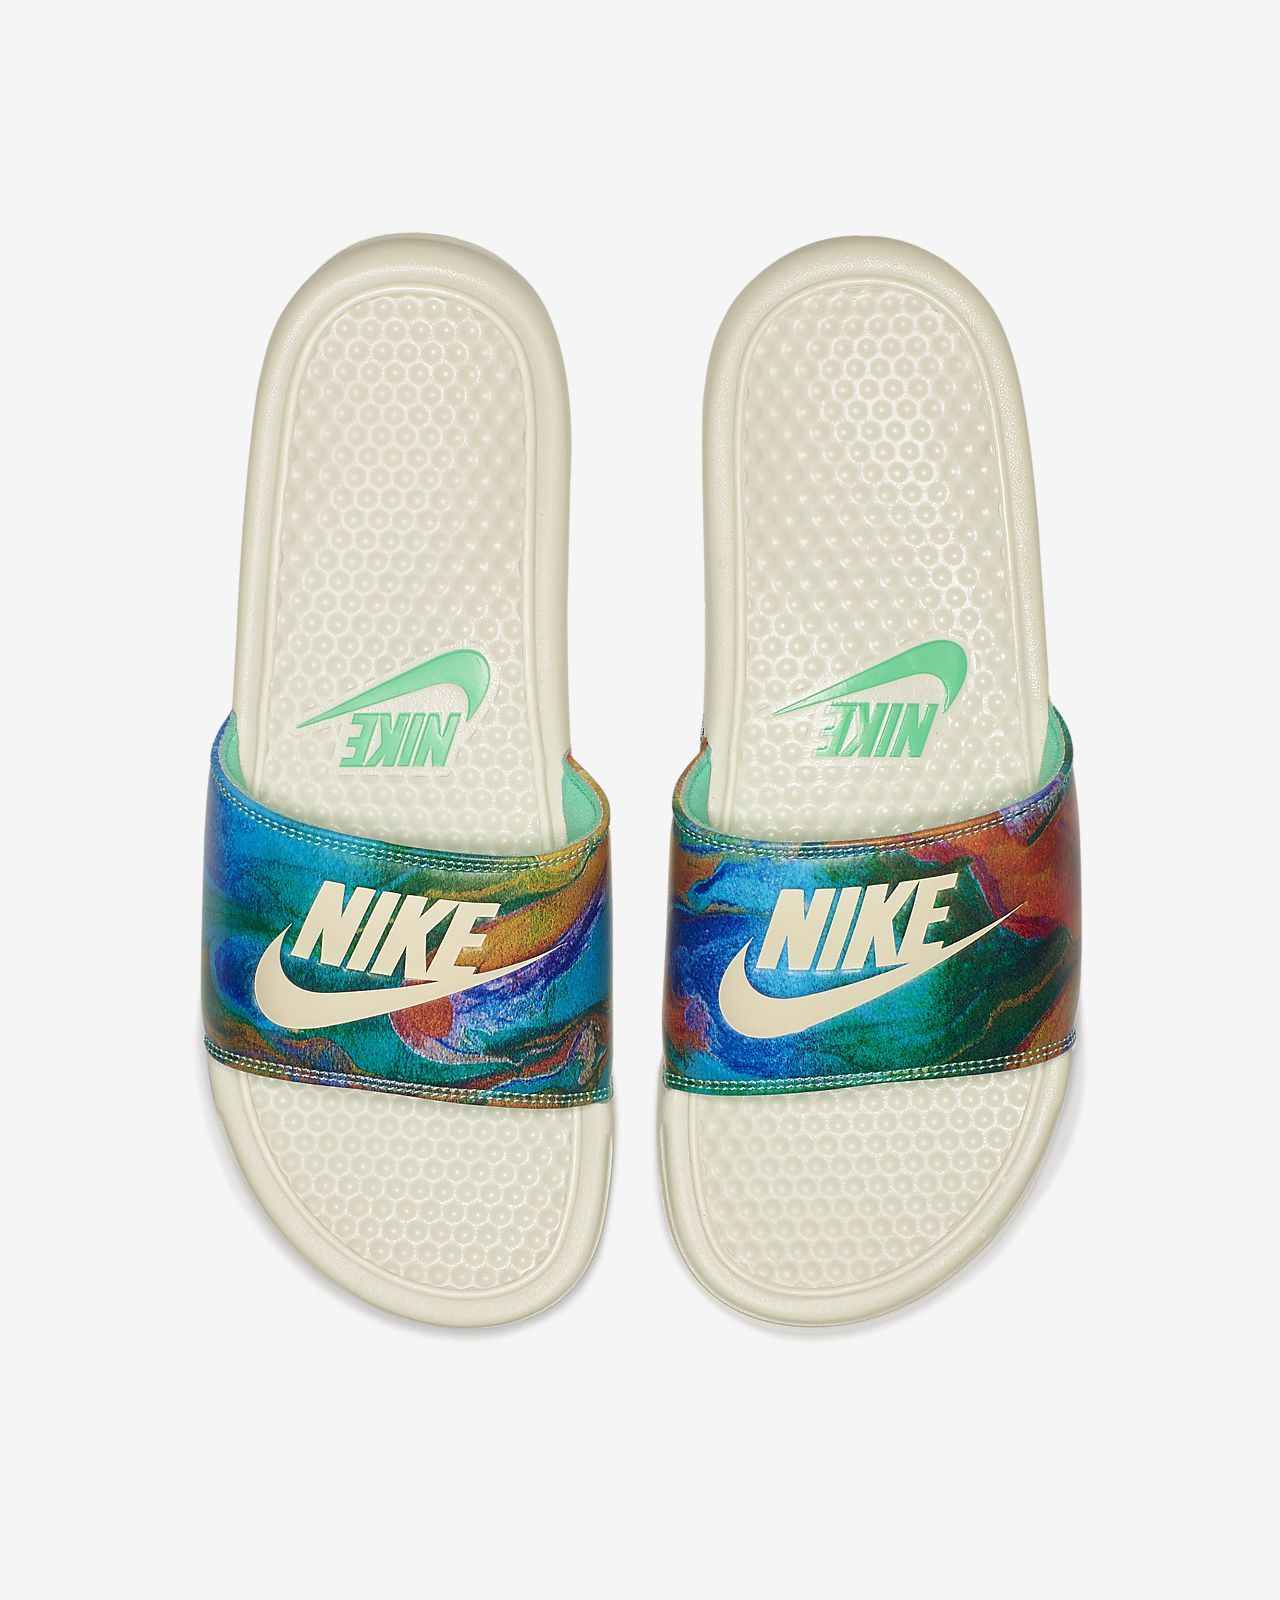 7fee5fcc28d6 รองเท้าแตะผู้ชายแบบสวม Nike Benassi JDI Printed